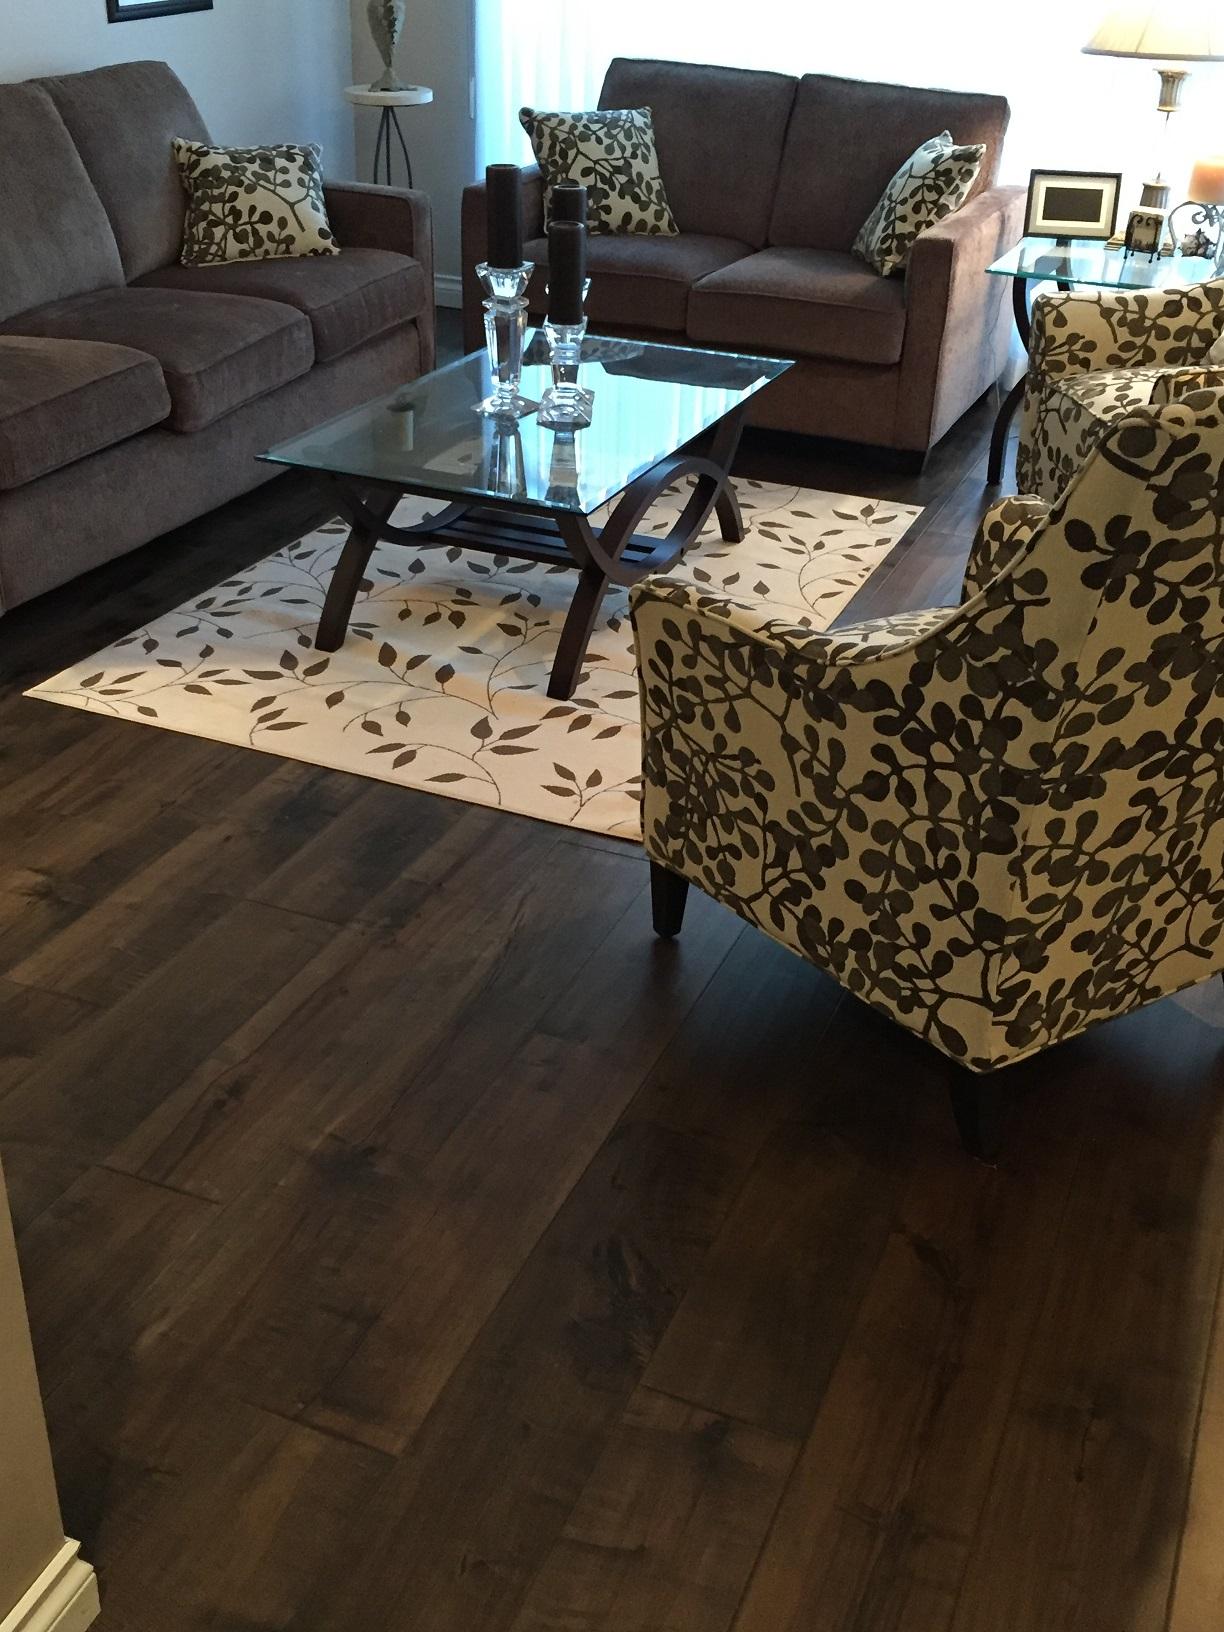 Engineered hardwood floors the eco floor store for Engineered wood flooring installation